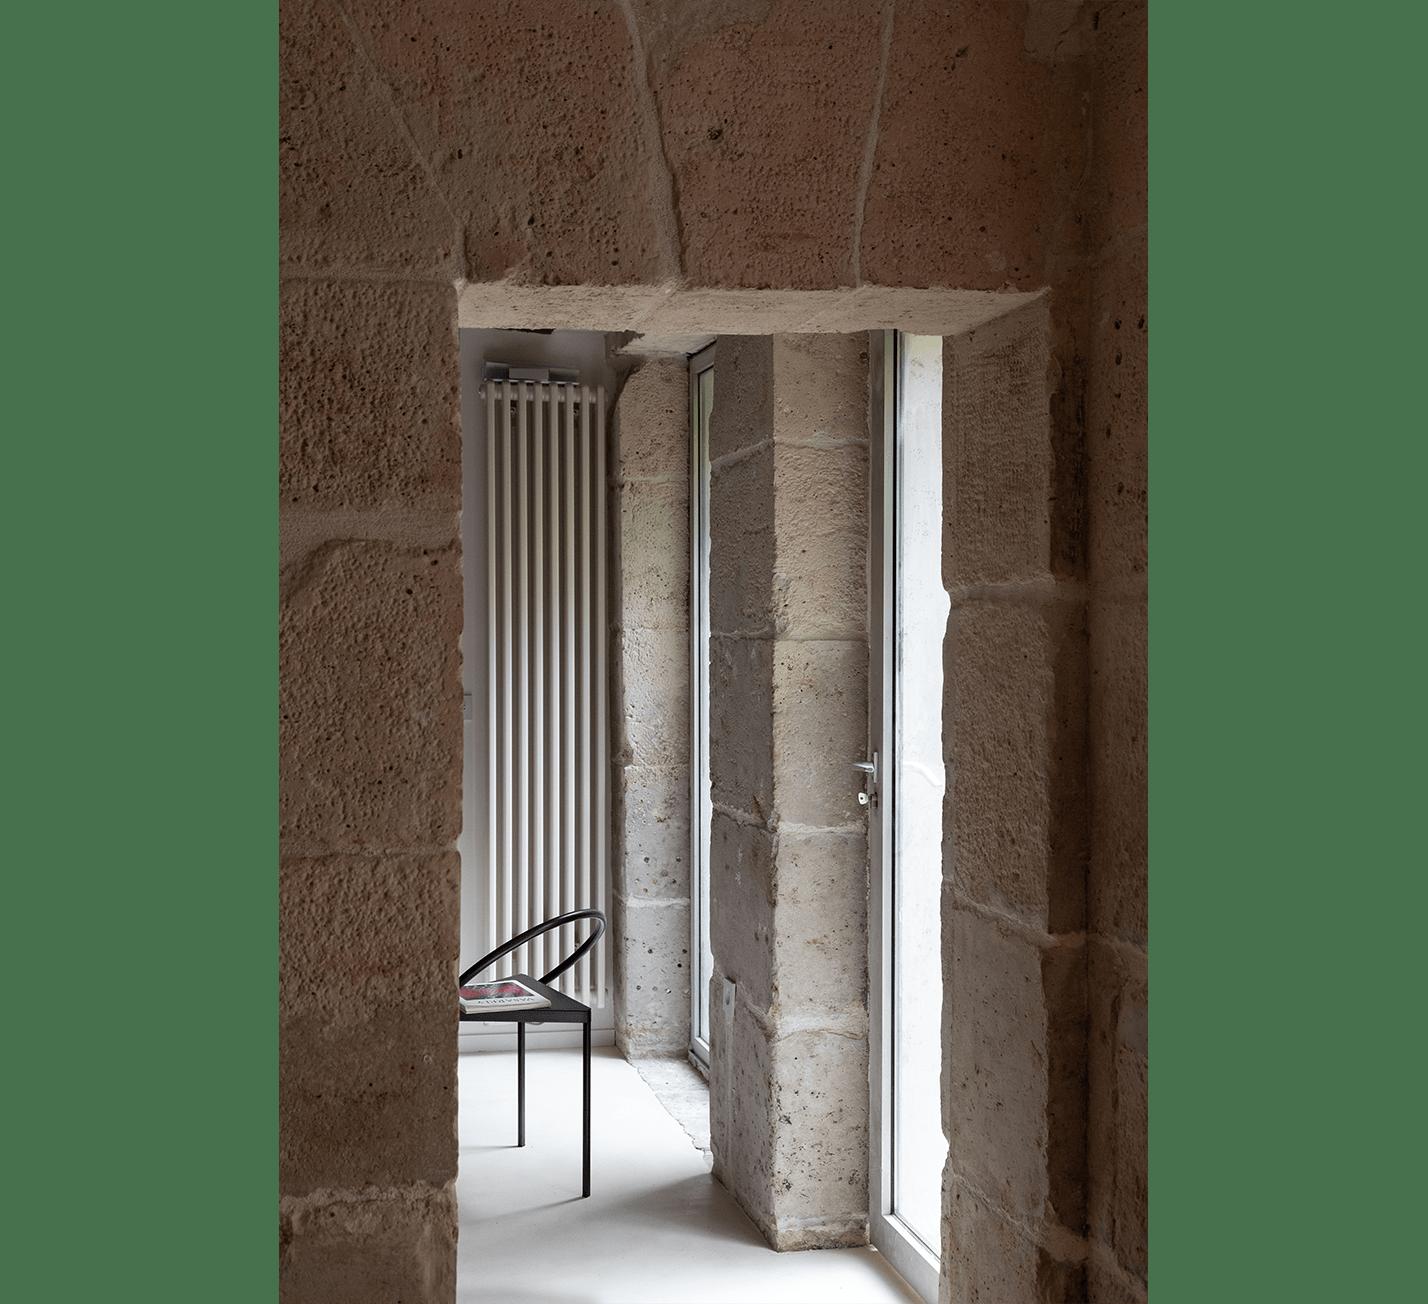 Projet-Gobelins-Atelier-Steve-Pauline-Borgia-Architecte-interieur-20-min